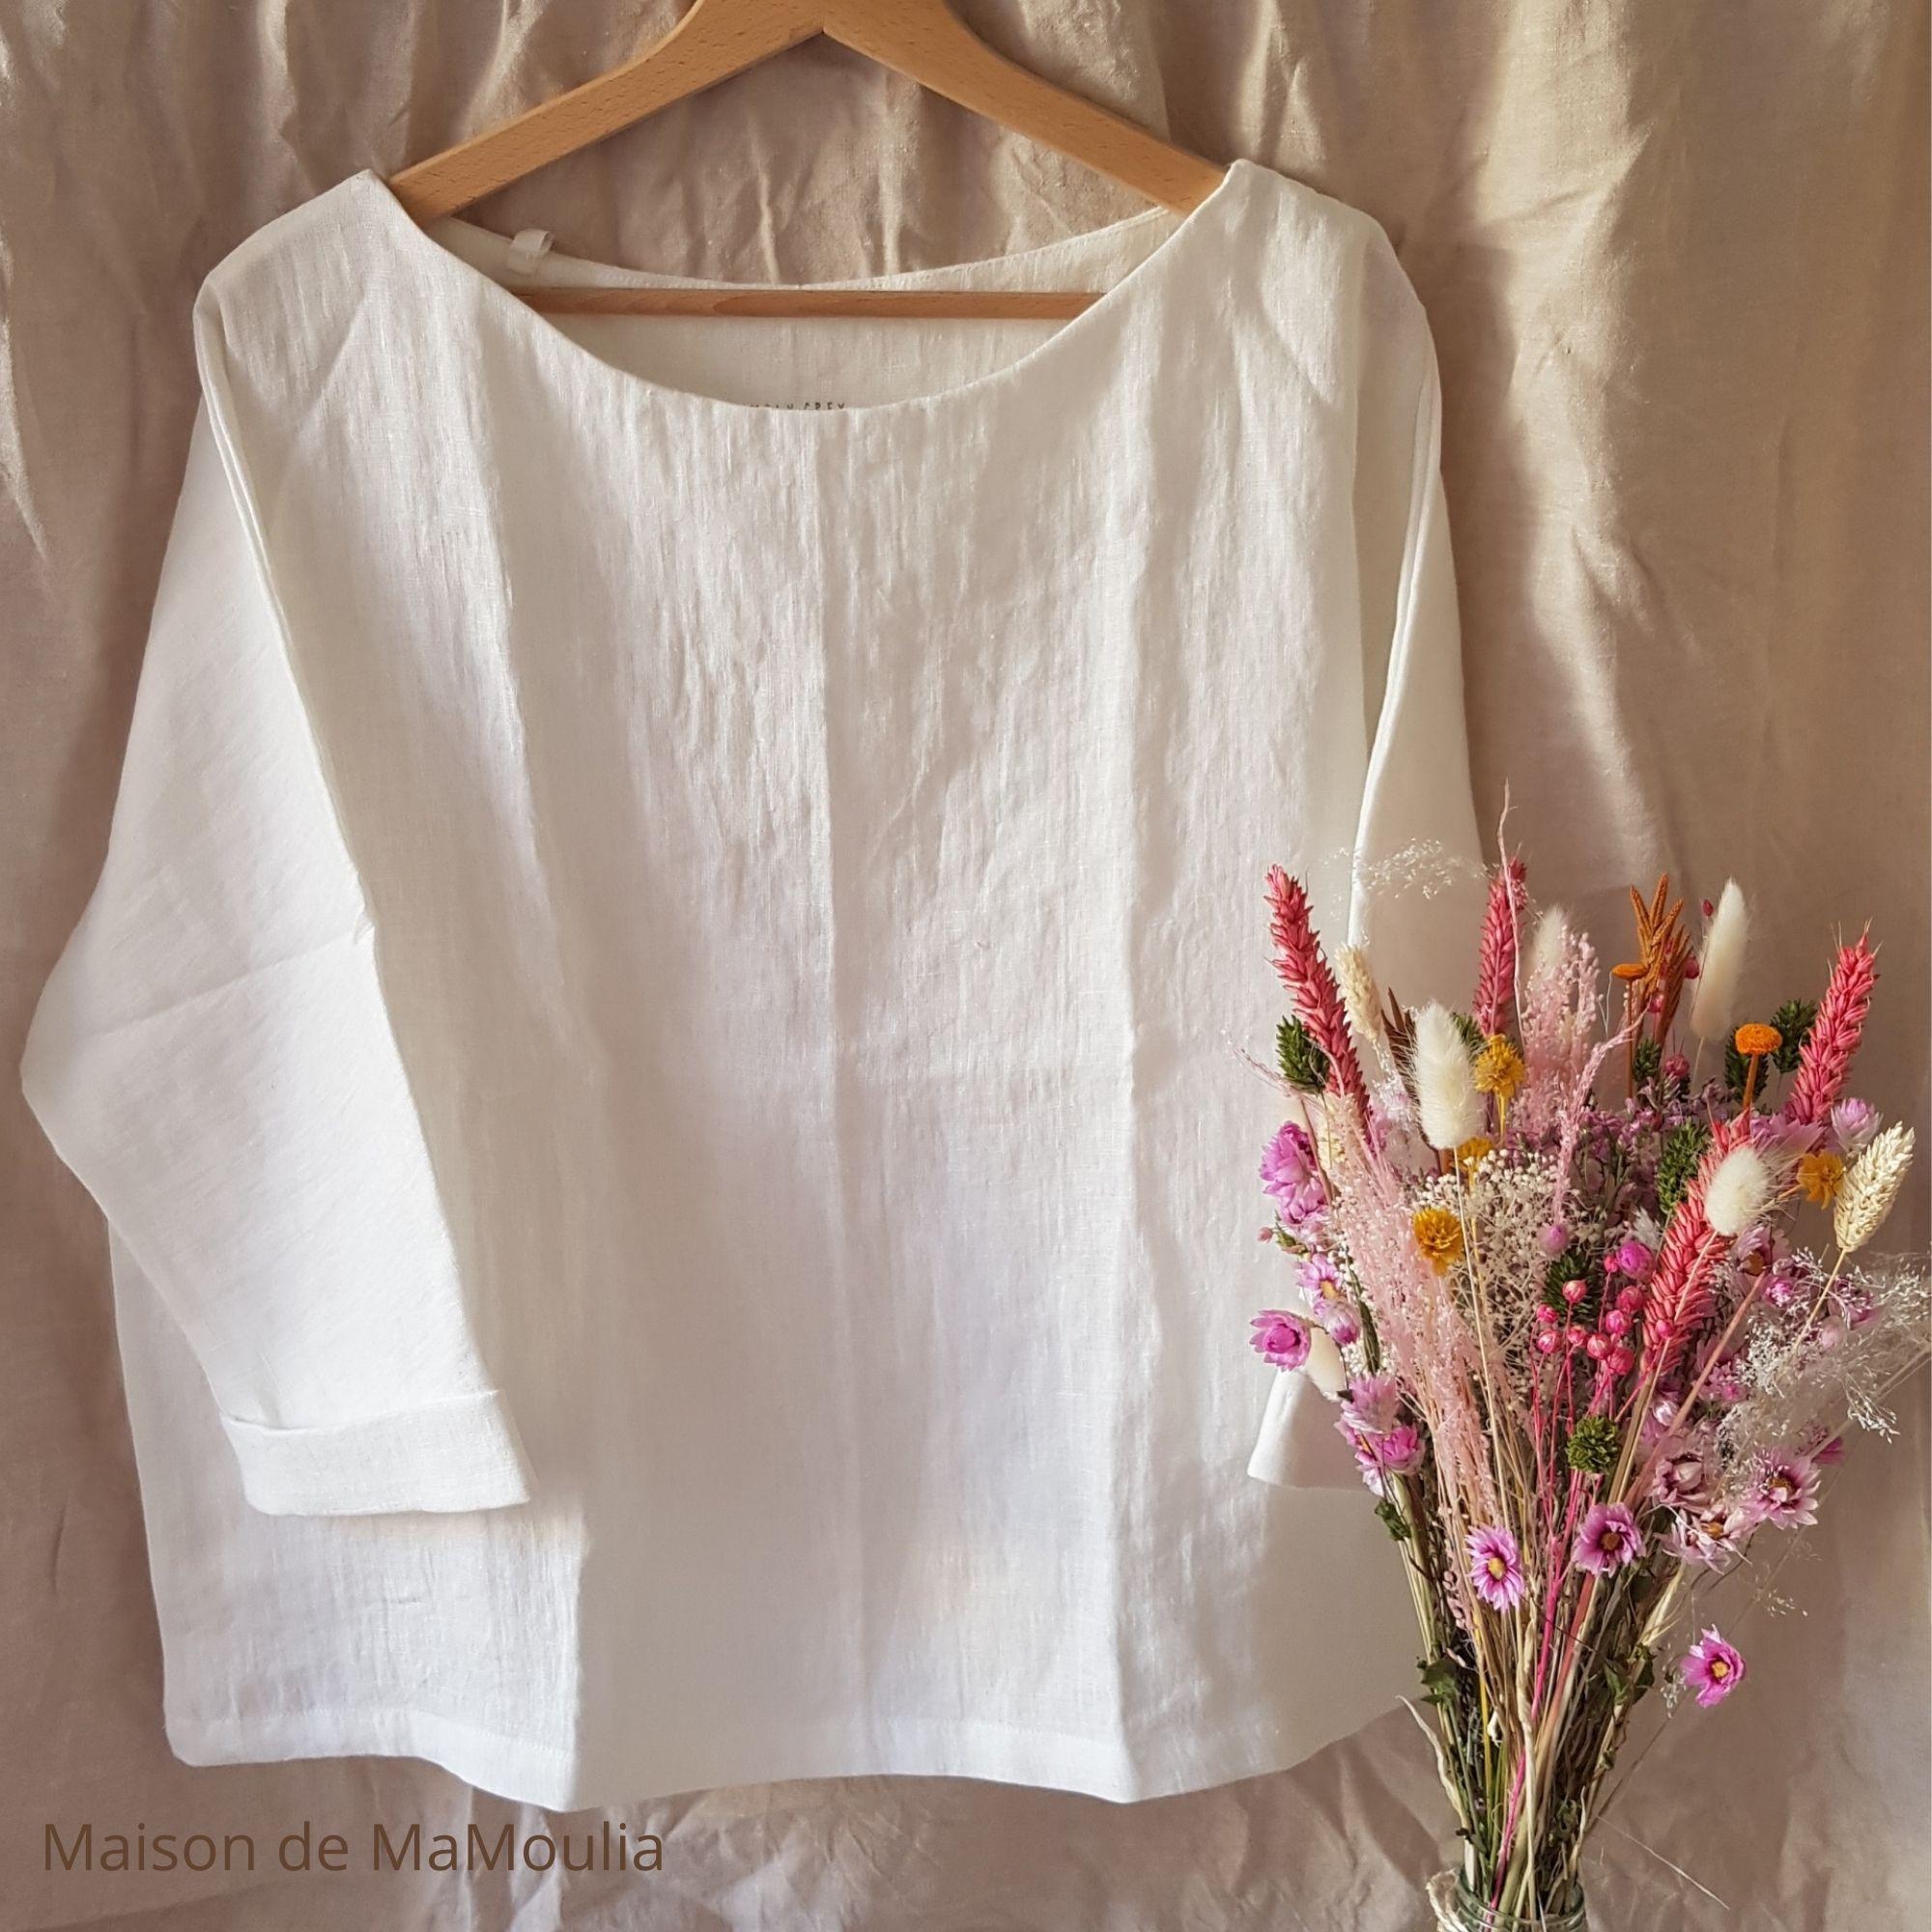 SIMPLY GREY - Blouse oversize - Manches 3/4 - pour femme - 100% lin lavé - Blanc